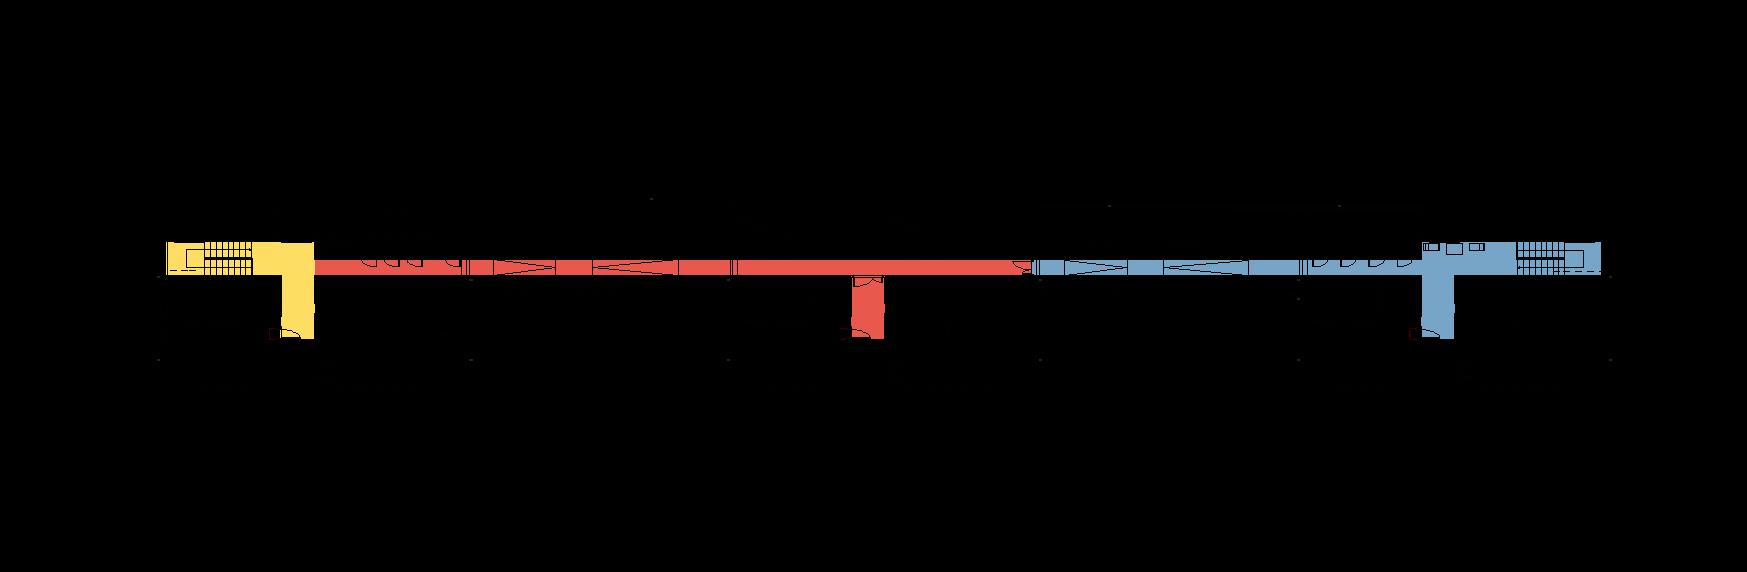 """Rys. 63. Rzut piętra zespołu segmentów mieszkalnych dla osób wpodeszłym wieku.  """"Wytyczne wzakresie projektowania uniwersalnego mając nauwadze potrzeby osób niepełnosprawnych"""", Warszawa 2016 – ekspertyza wykonana przezFundację Laboratorium Architektury 60+ nazlecenie Ministerstwa Infrastruktury iBudownictwa."""